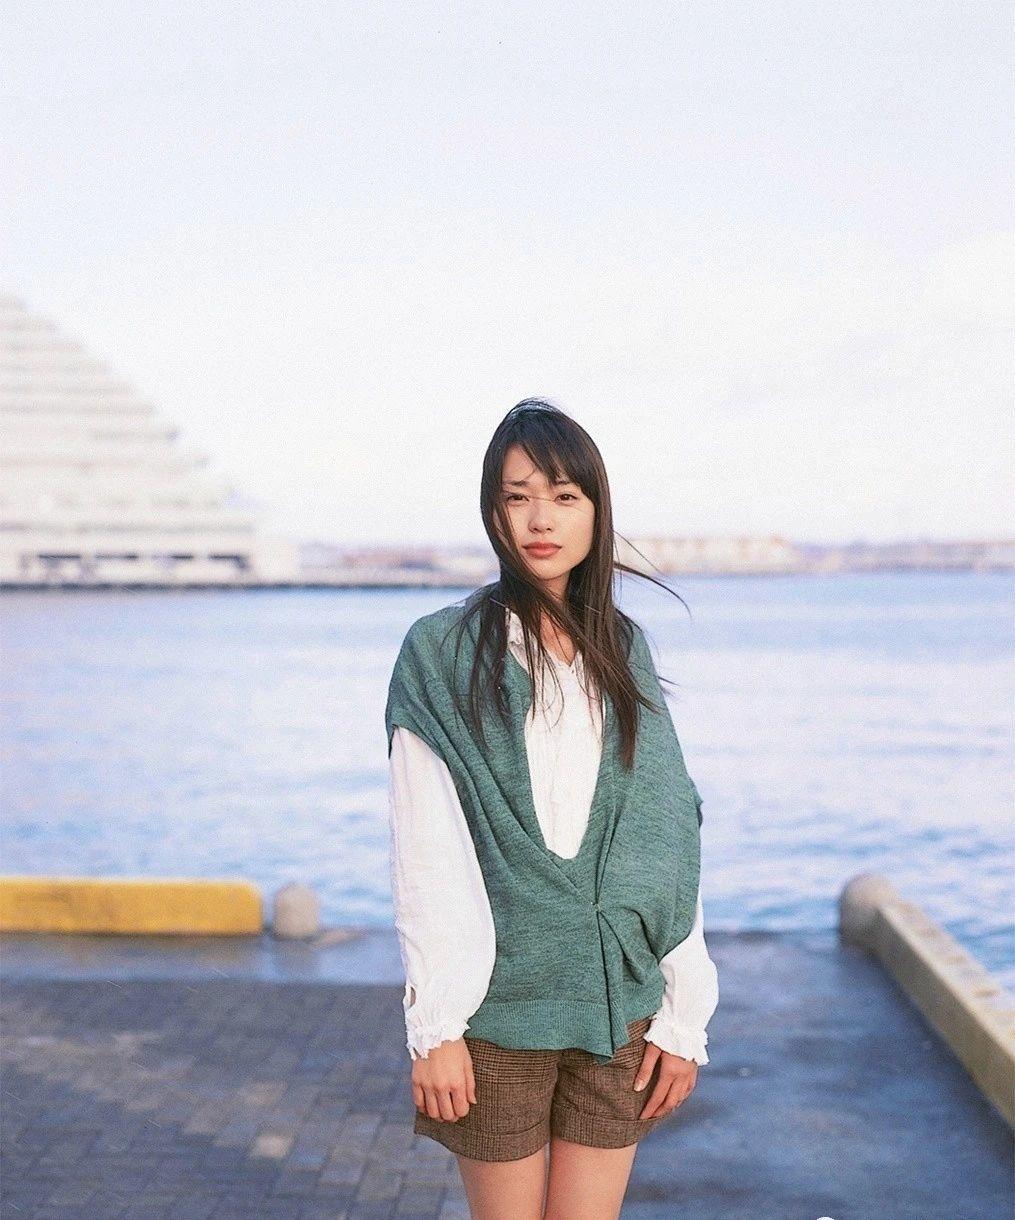 美的不可方物少女时代的户田惠梨香写真作品 (34)